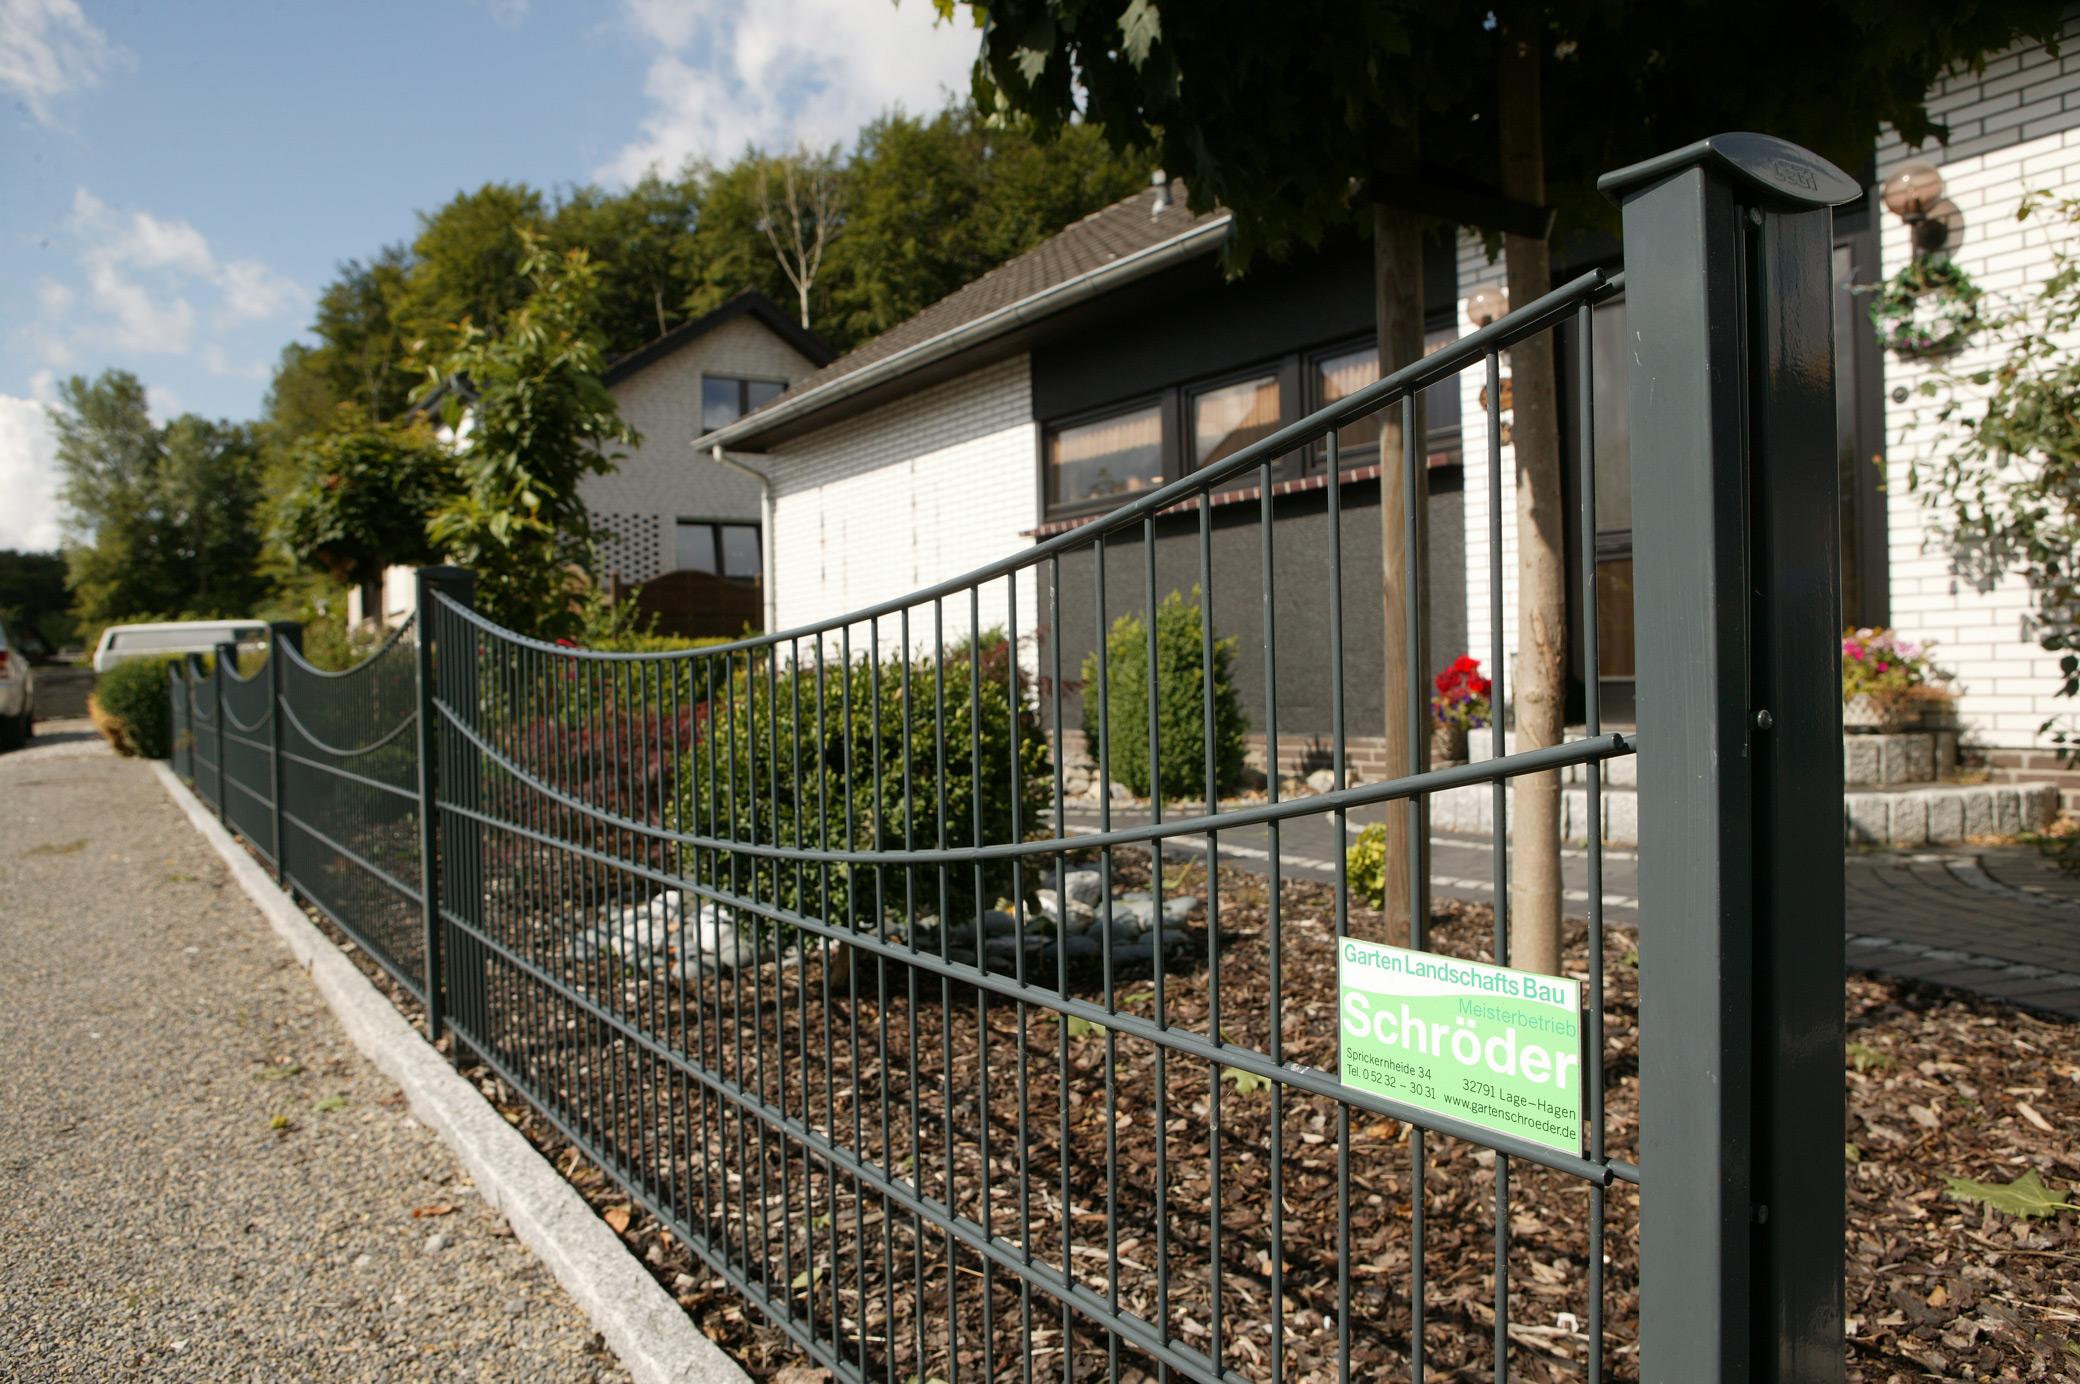 Zaun Und Torbau In Lippe Gartenlandschaftsbau Schroder